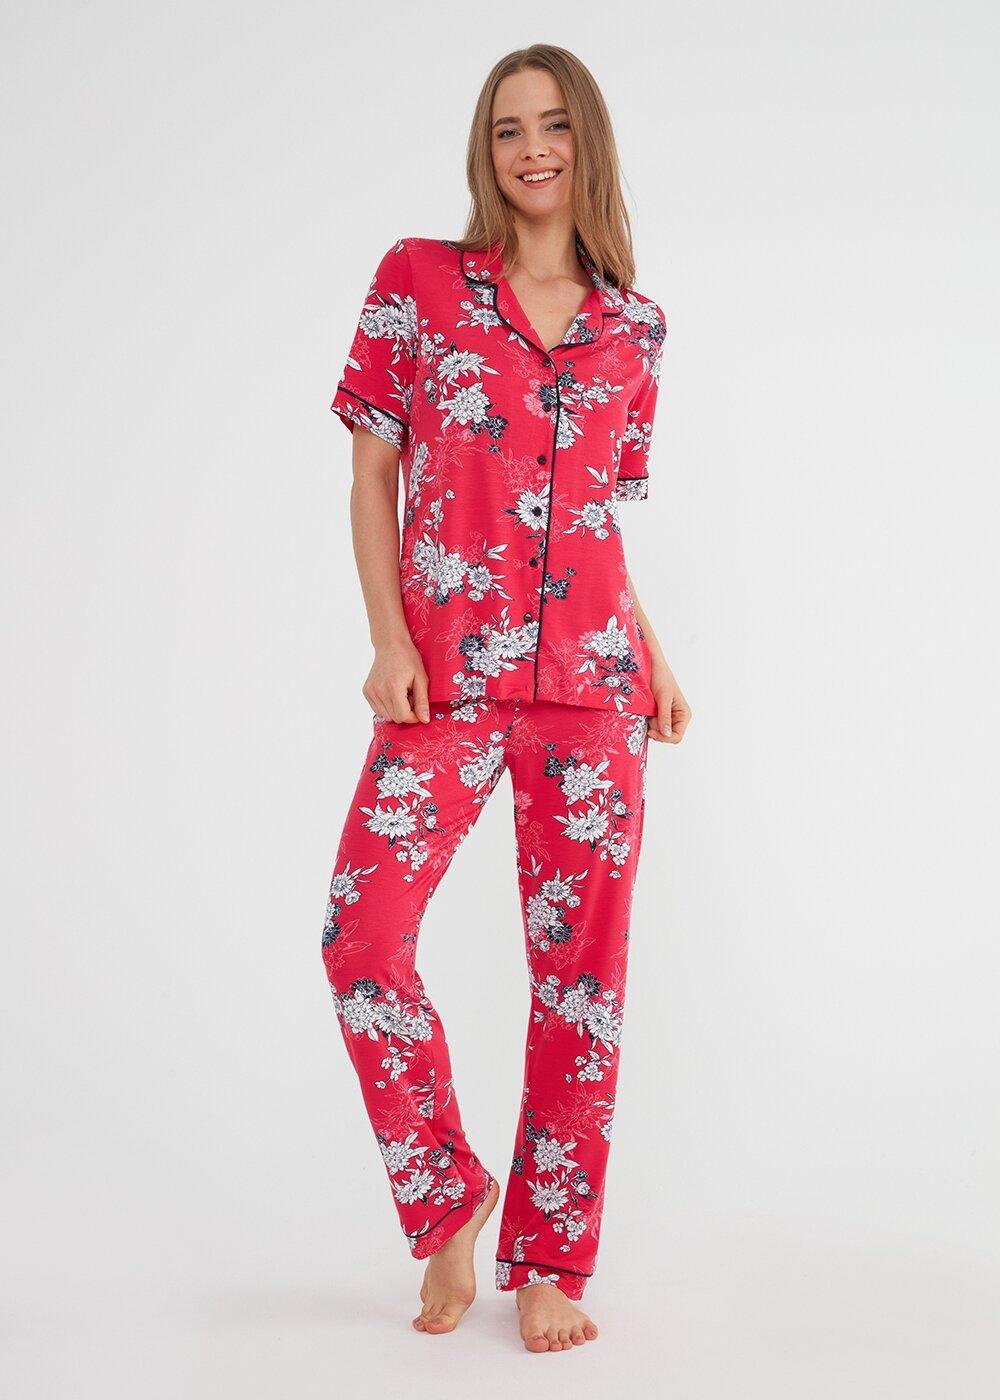 resm Felicity Maskulen Pijama Takımı - KIRMIZI BASKILI